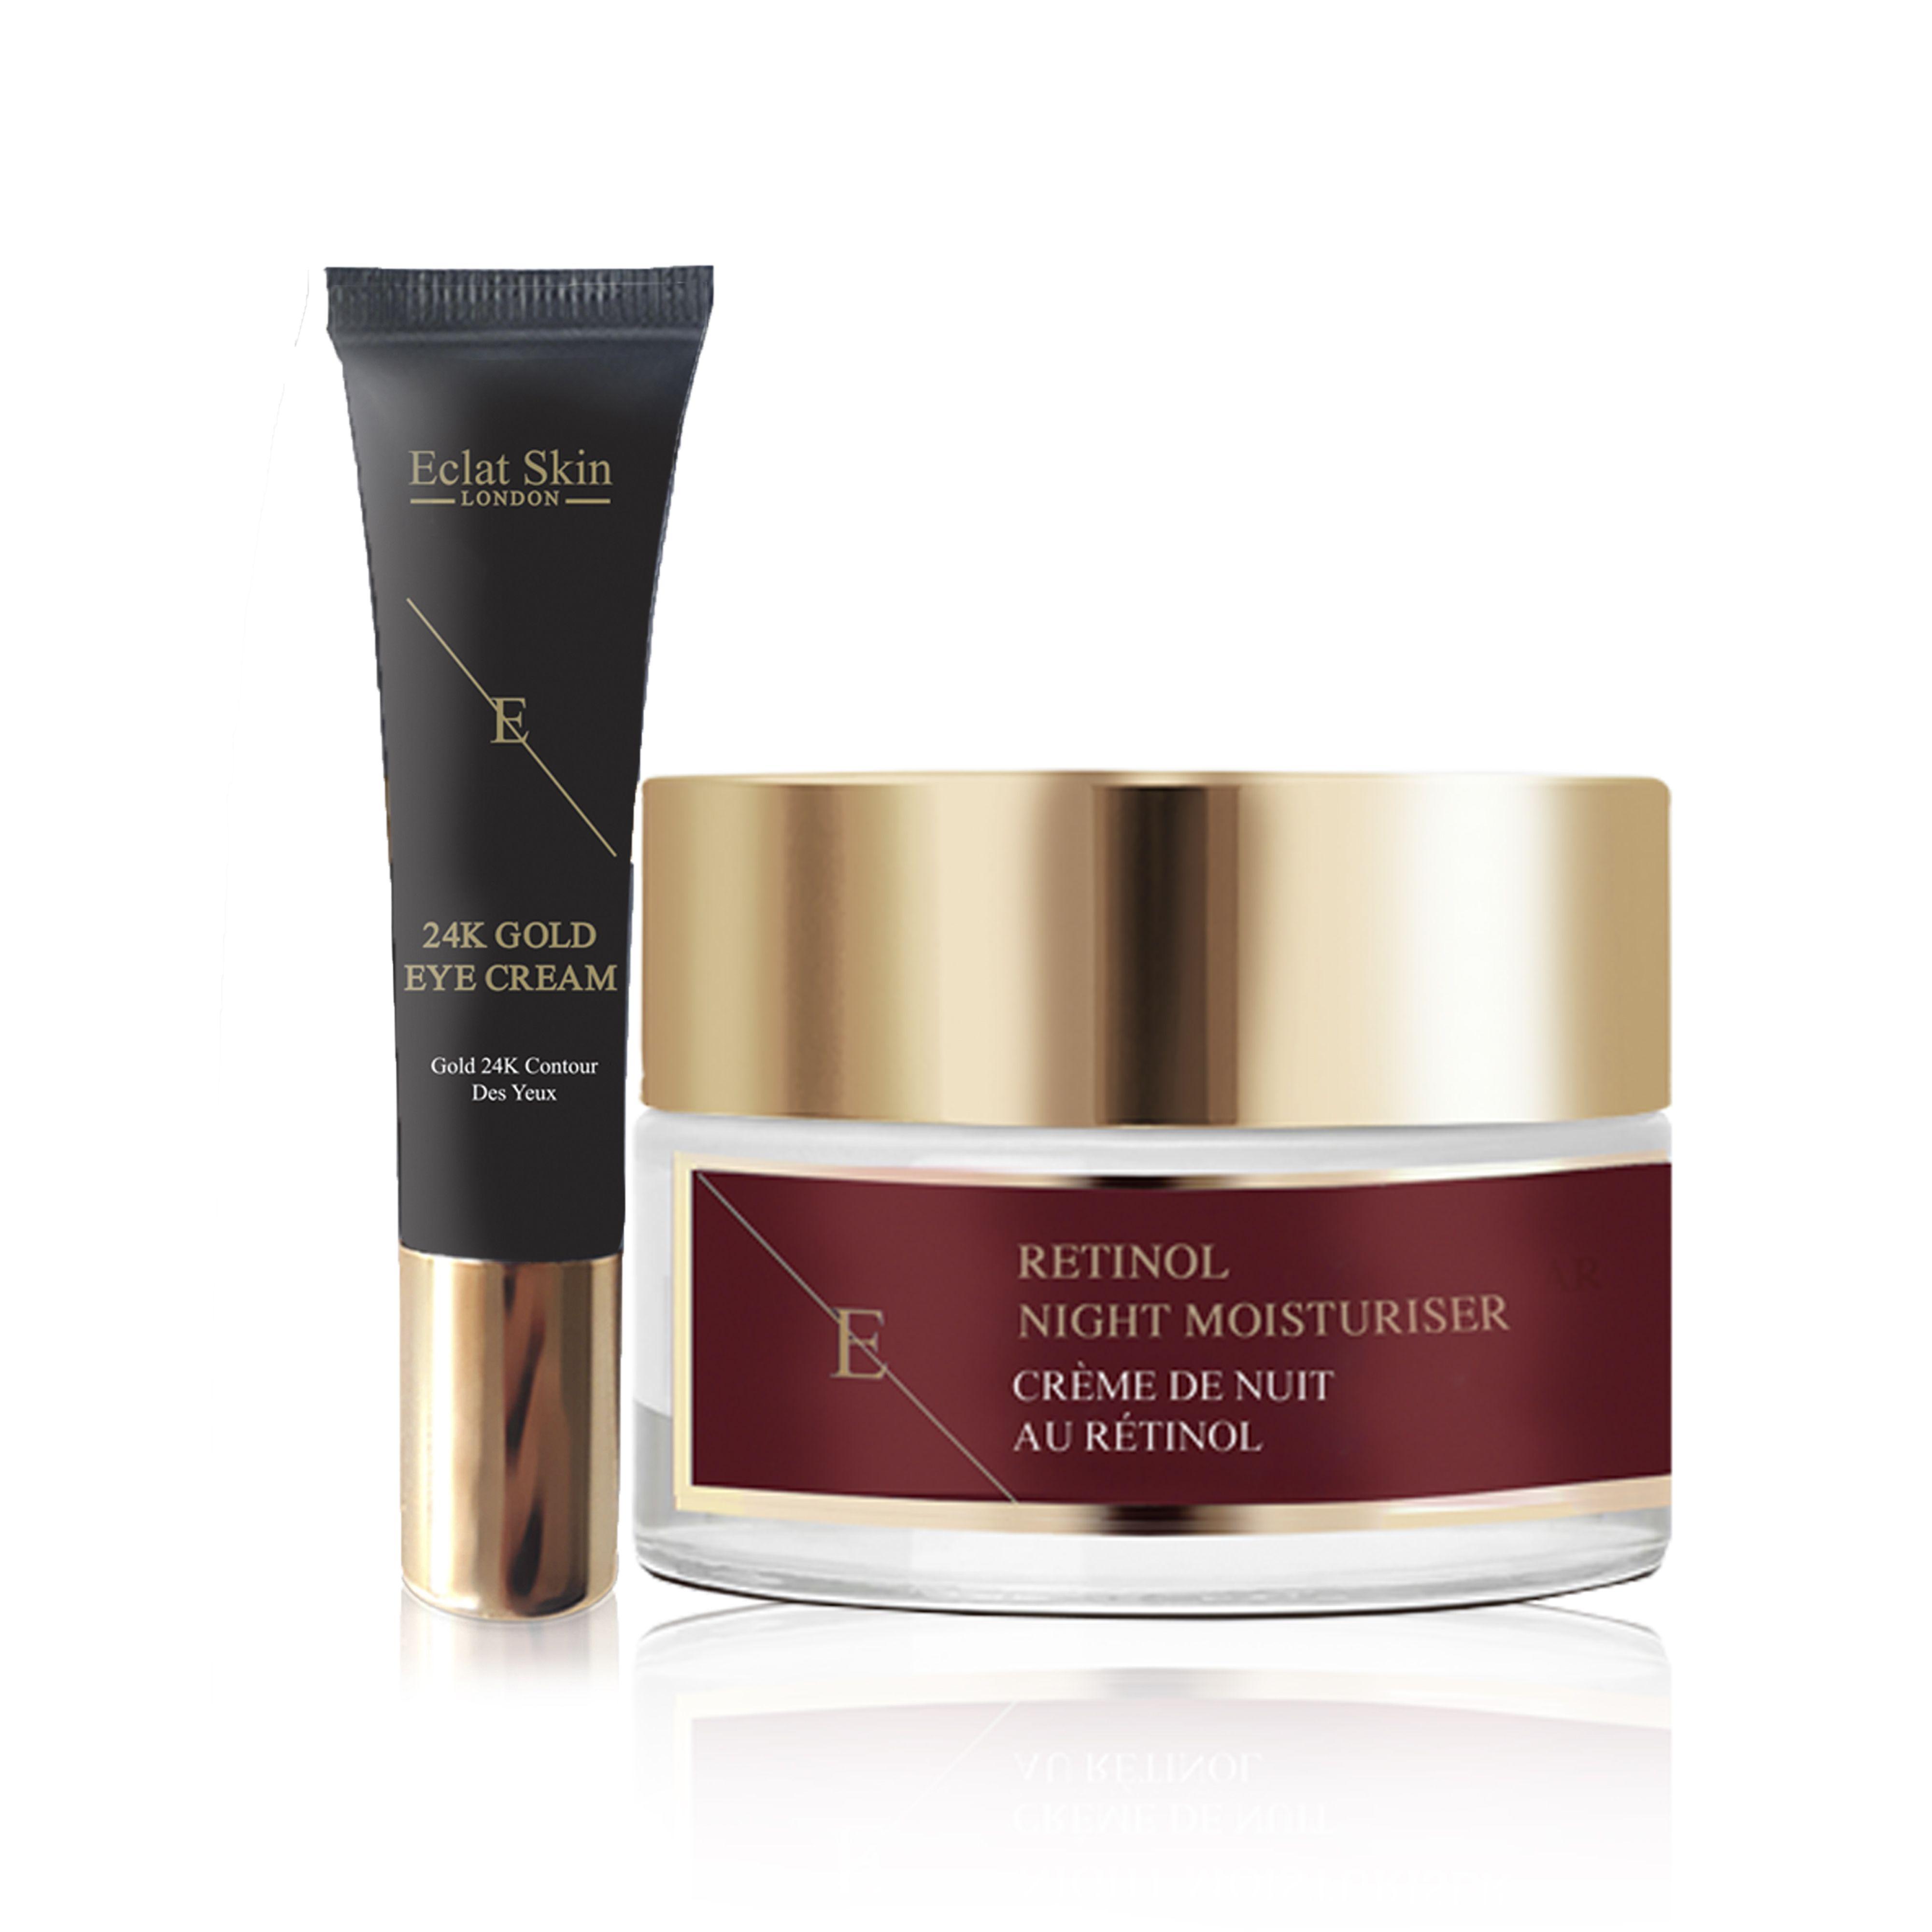 Retinol + Caviar Moisturiser 50ml + Under Eye Cream 24K Gold - 15ml